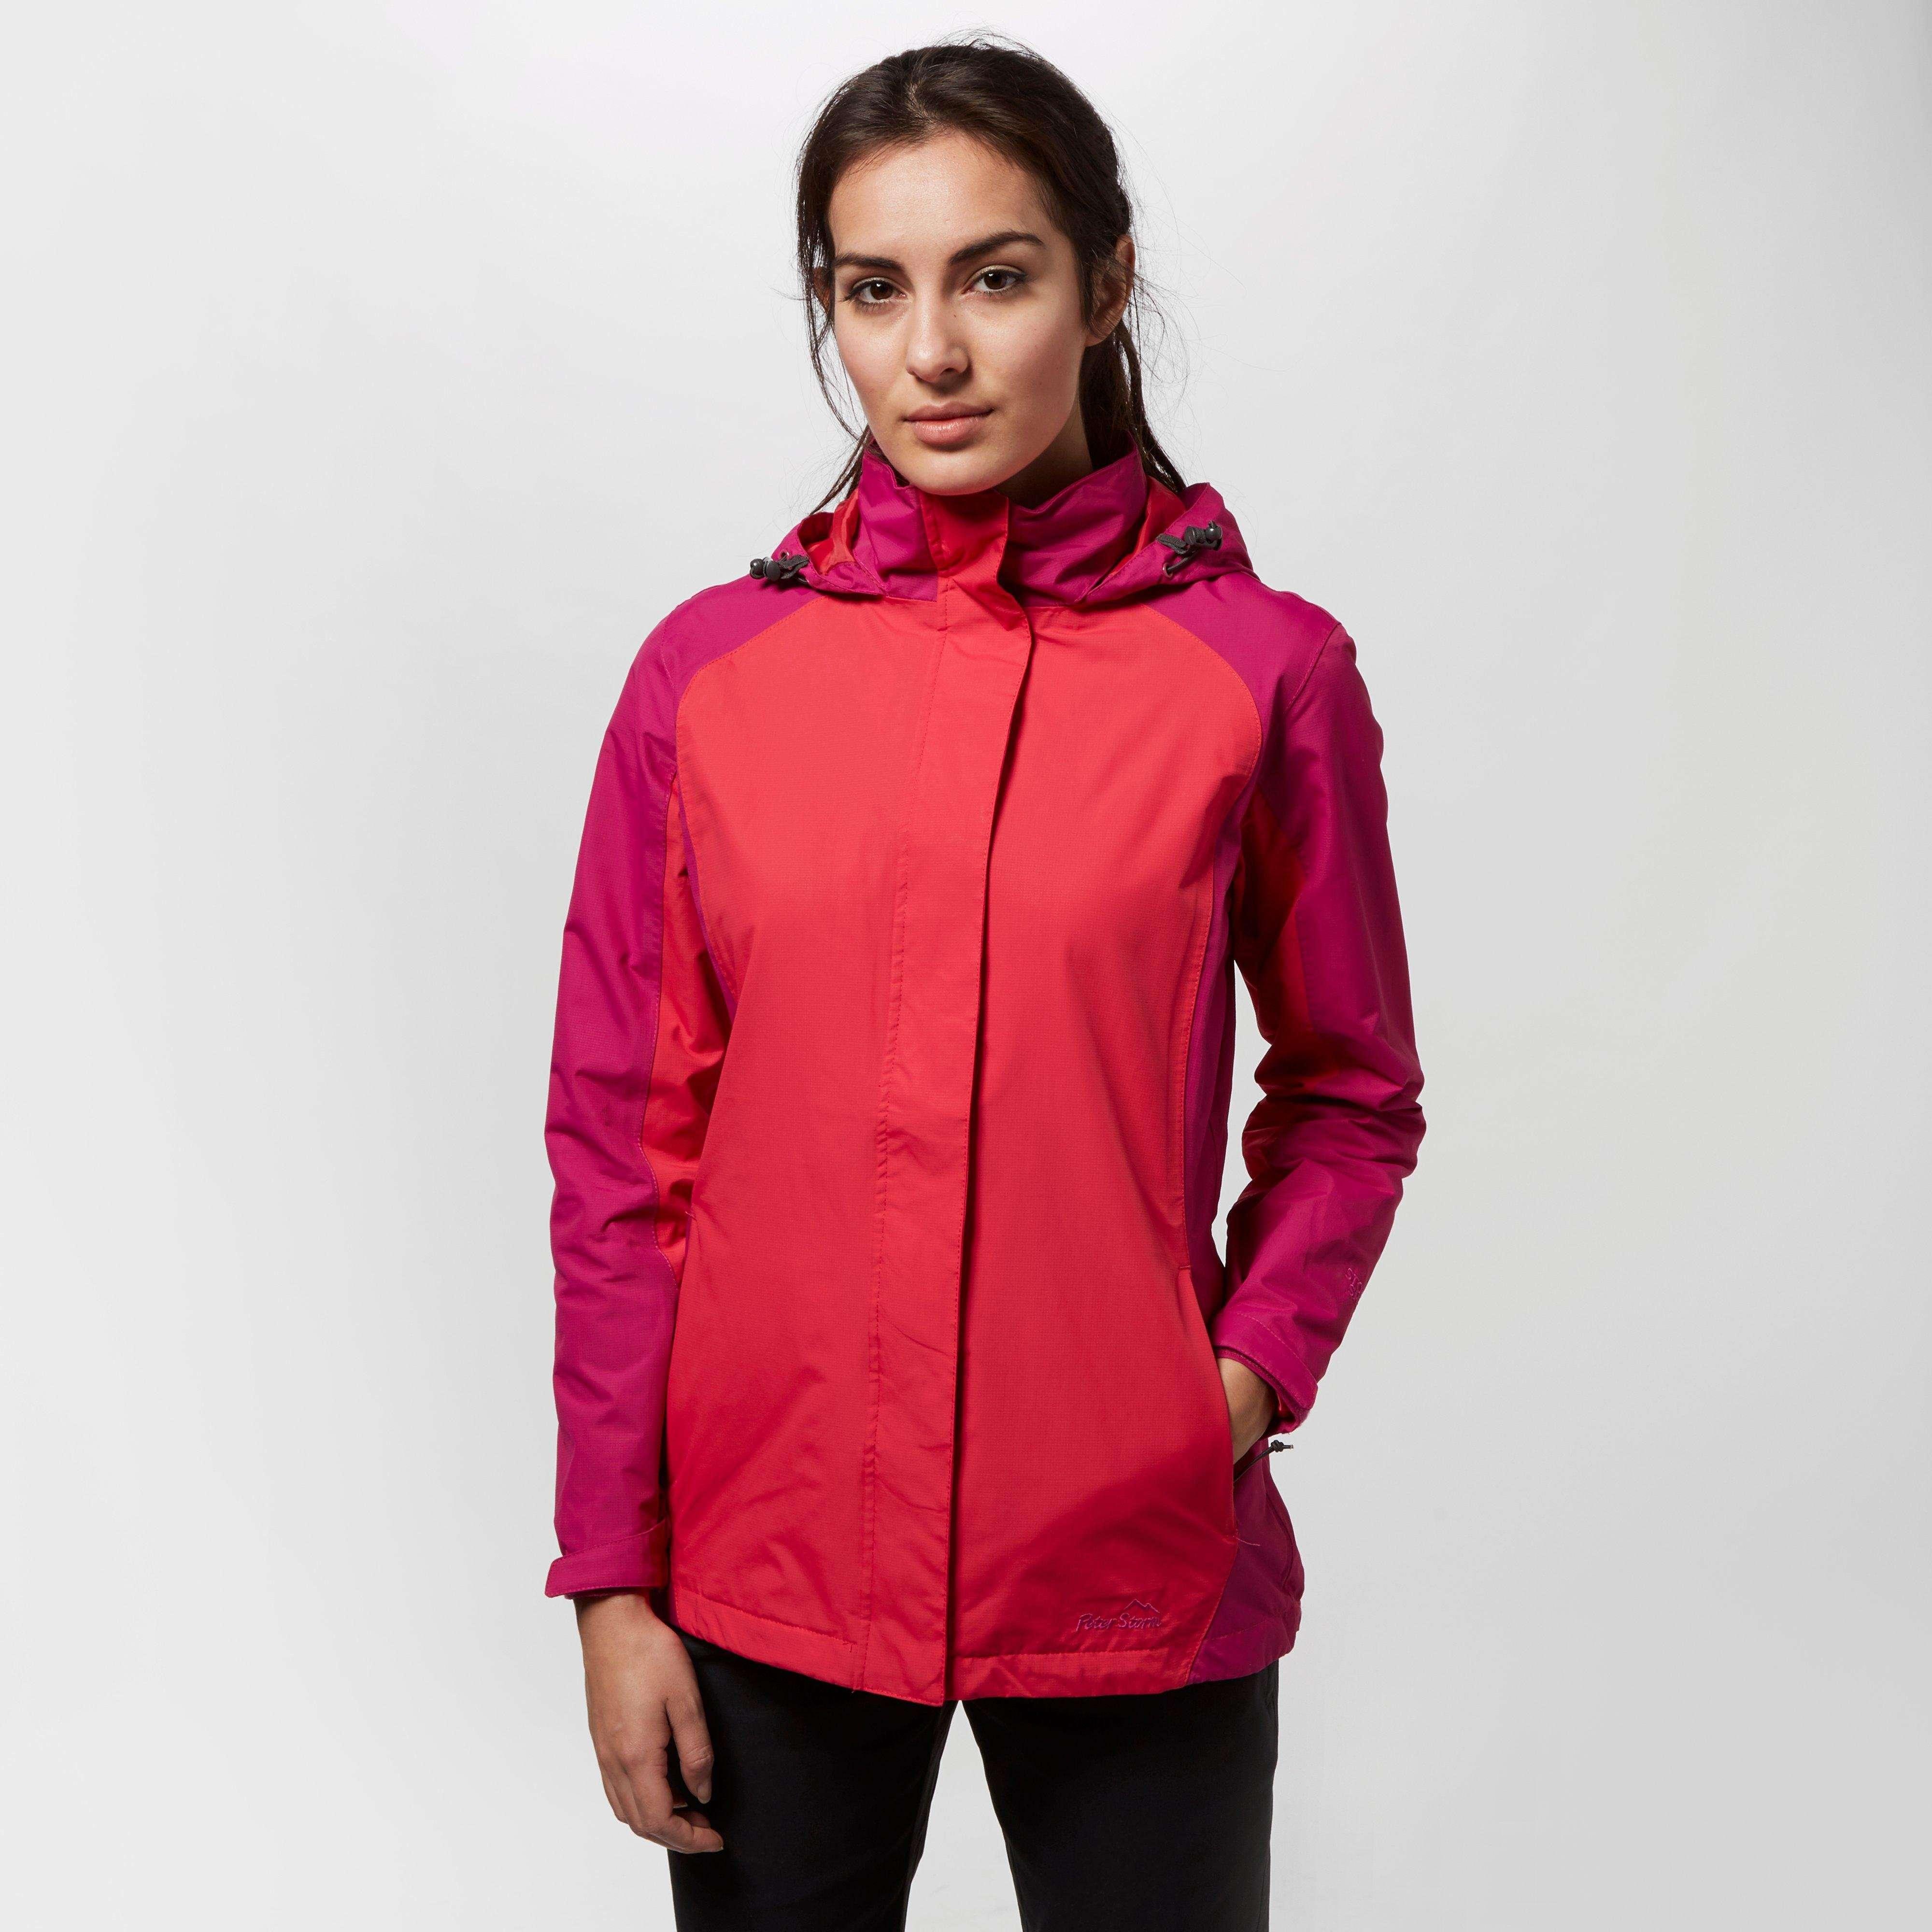 PETER STORM Women's Bowland II Jacket